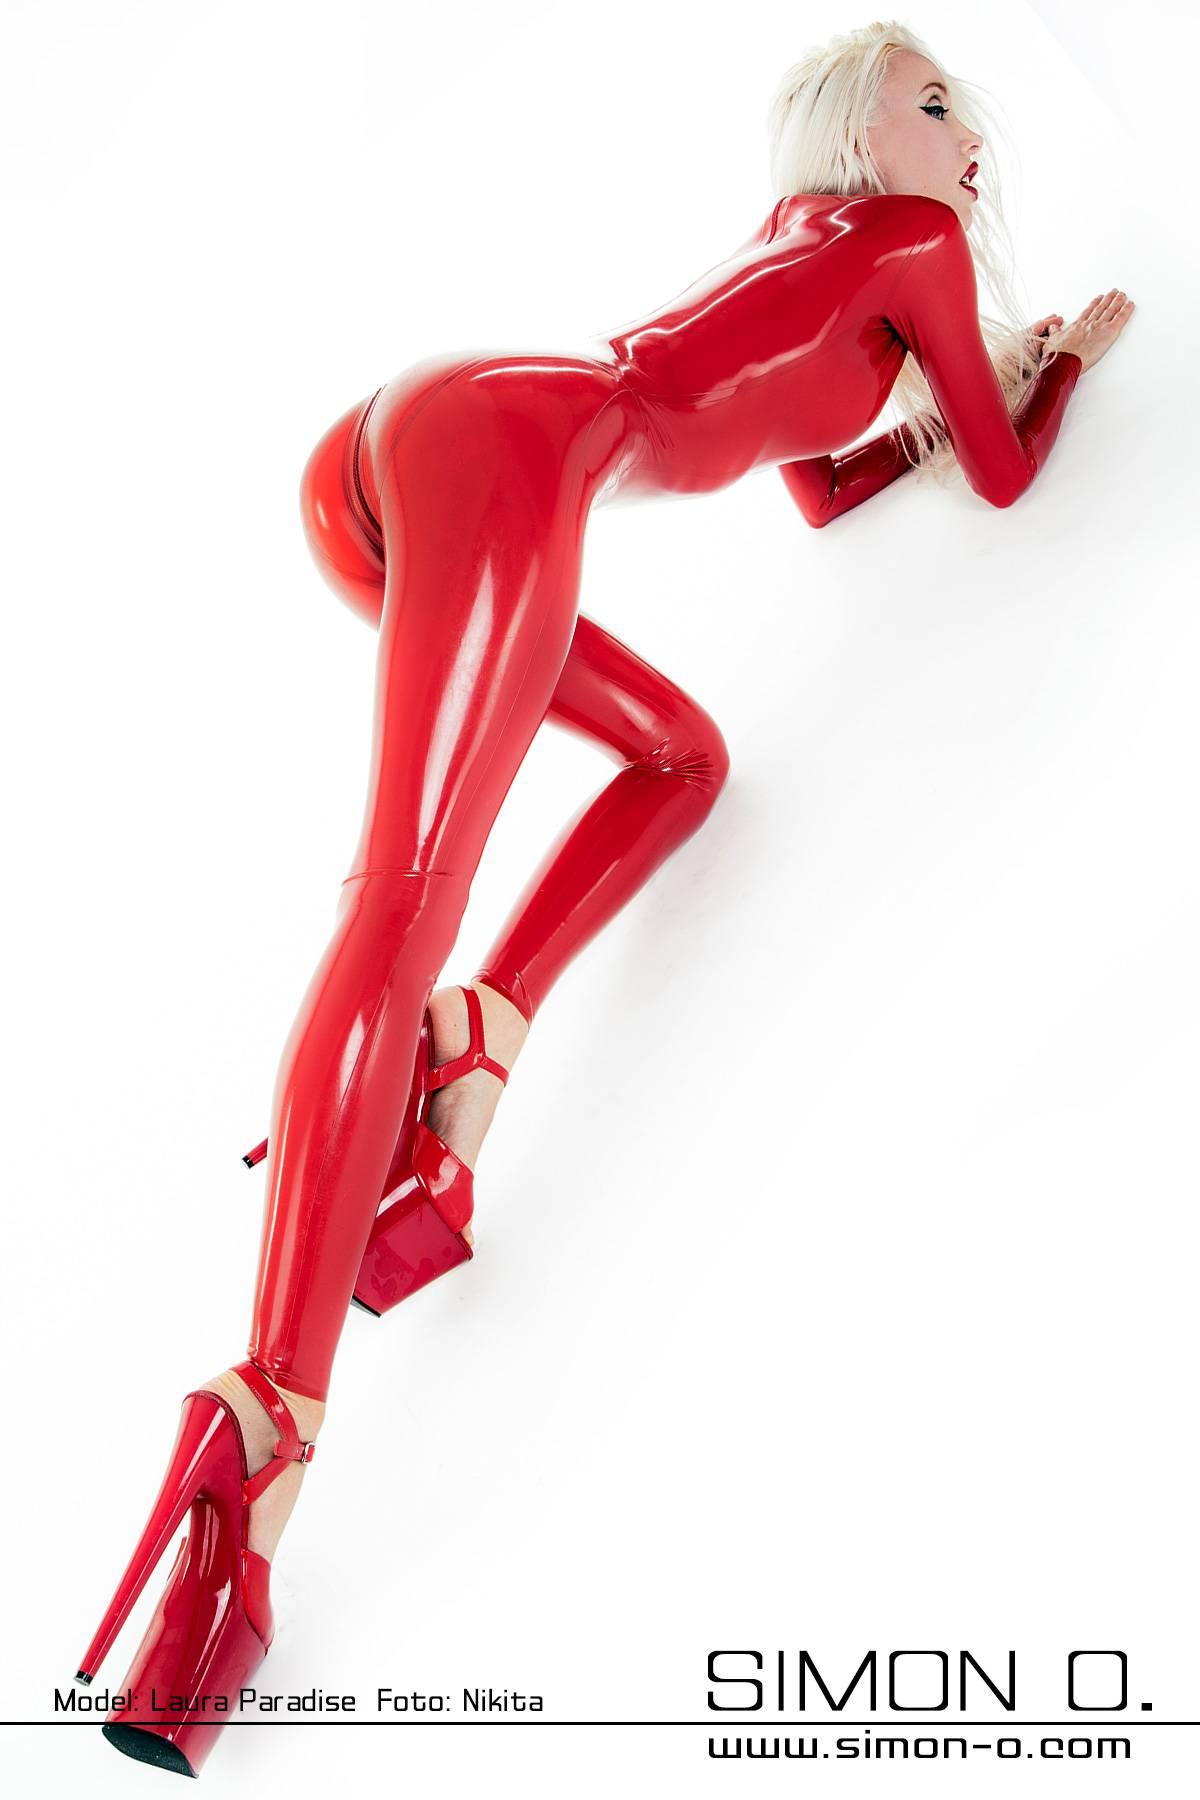 Blonde schlanke Frau kniet in in einem hautengen roten Latex Catsuit mit nass glänzender Oberfläche